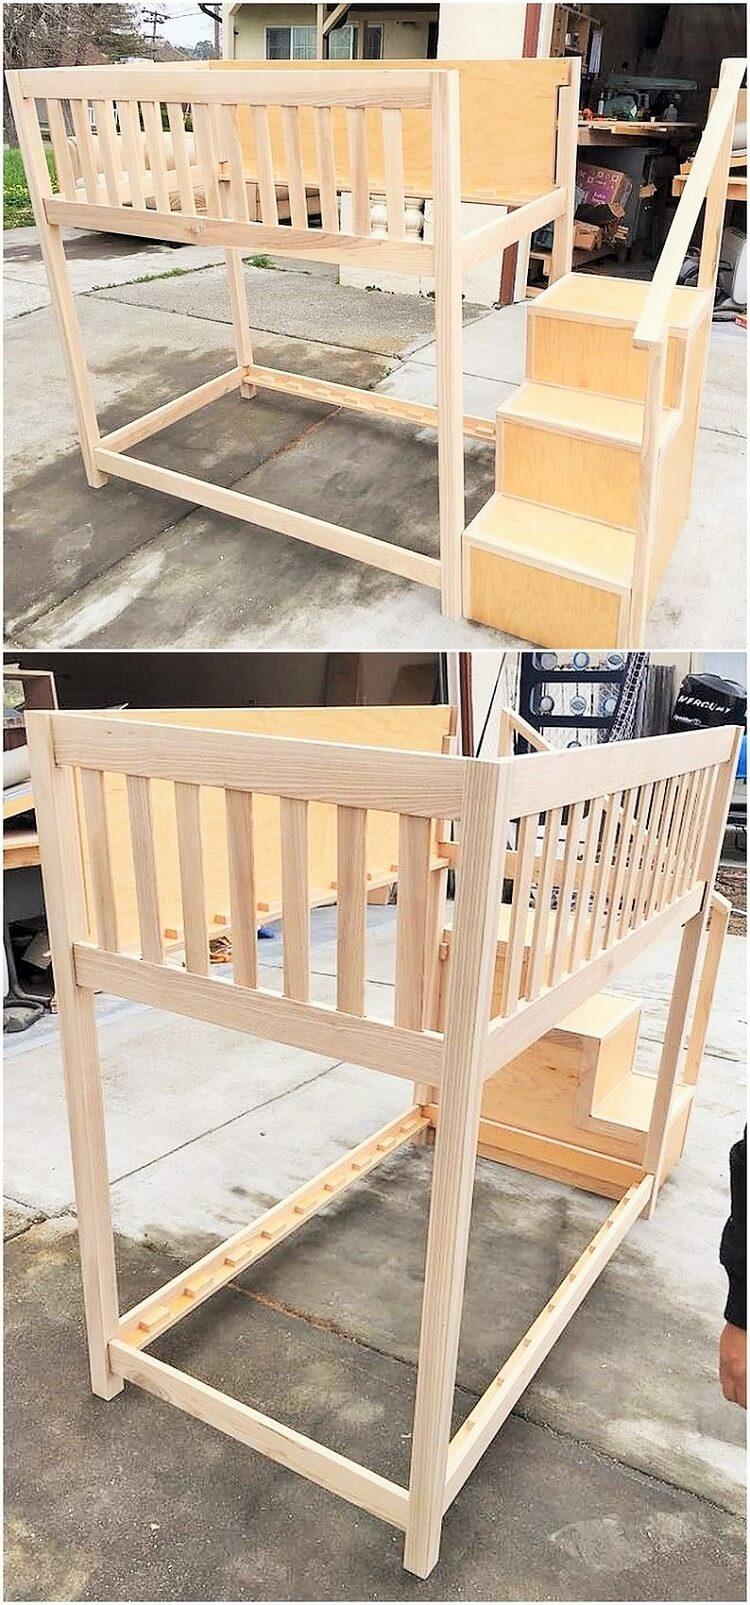 wooden chaild bed